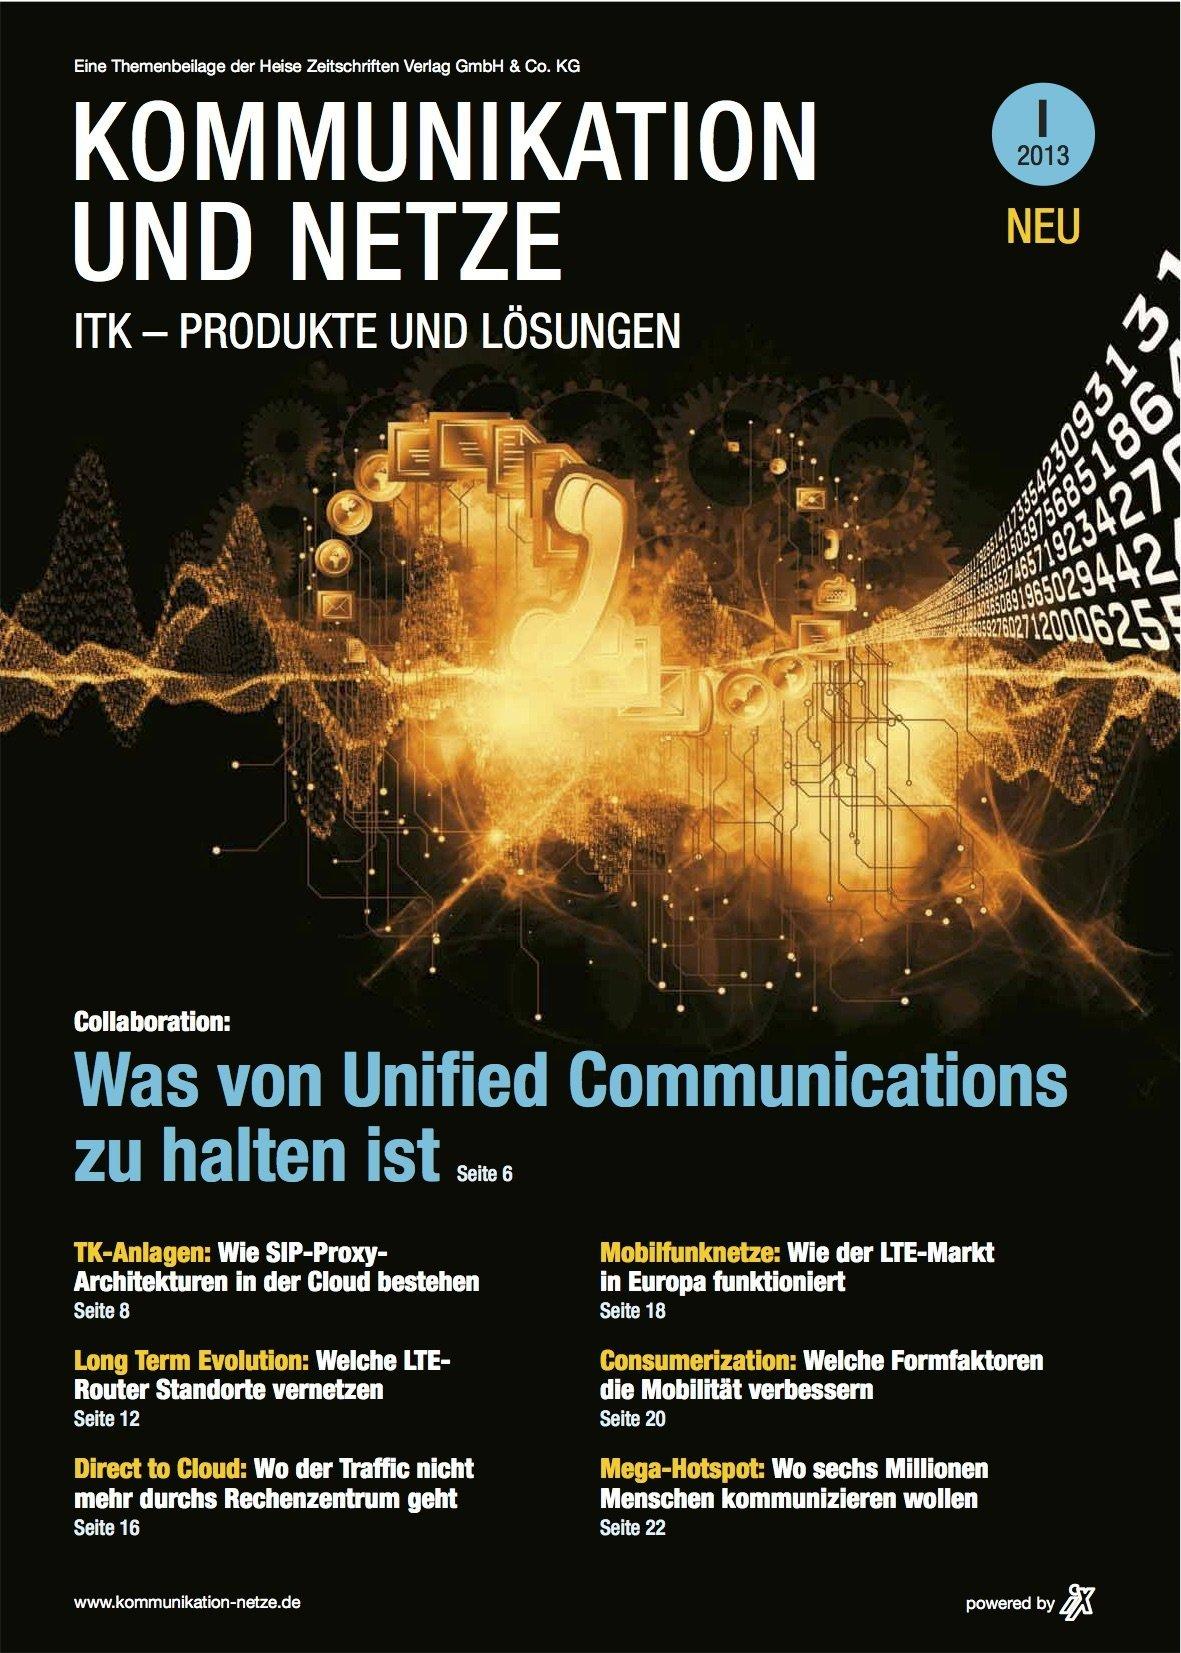 Kommunikation und Netze 2013